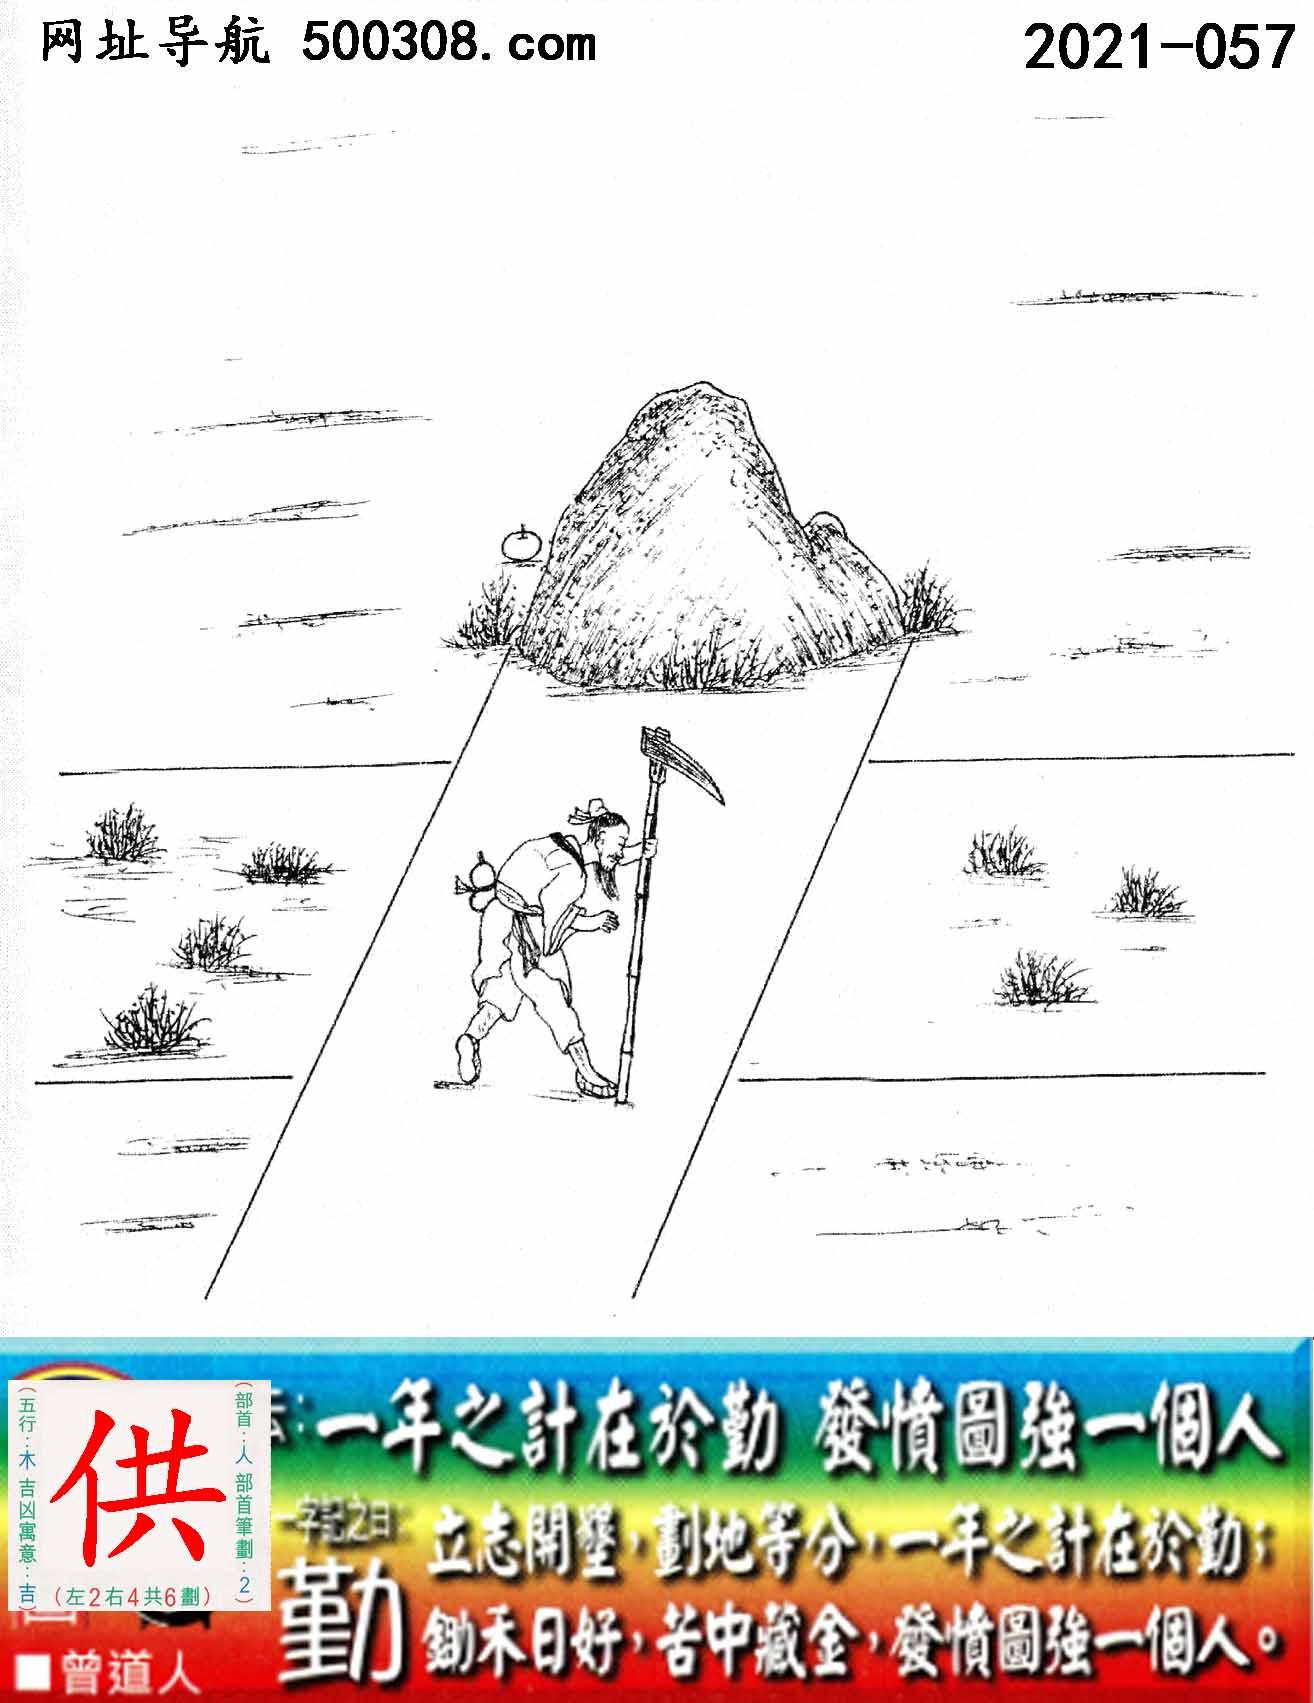 057期老版跑狗一字�之曰:【勤】_��:一年之计在于勤,�l���D��一��人。